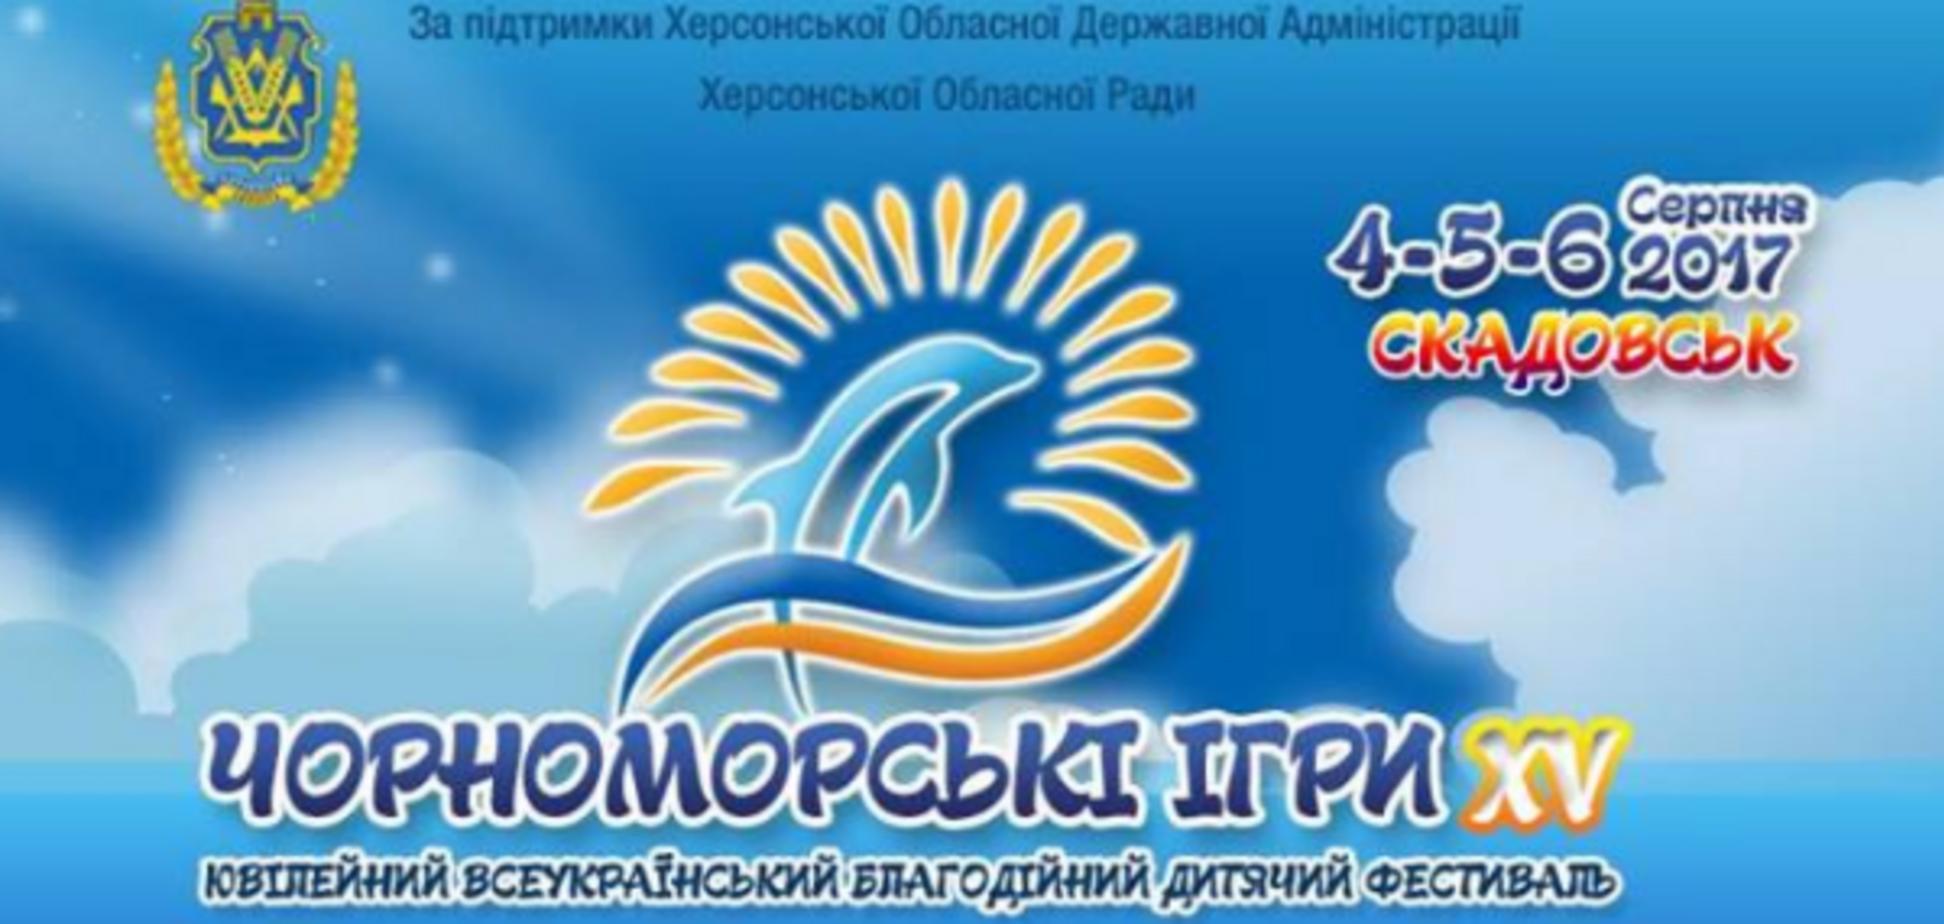 У Скадовську завершився XV Всеукраїнський благодійний дитячий фестиваль 'Чорноморські Ігри'